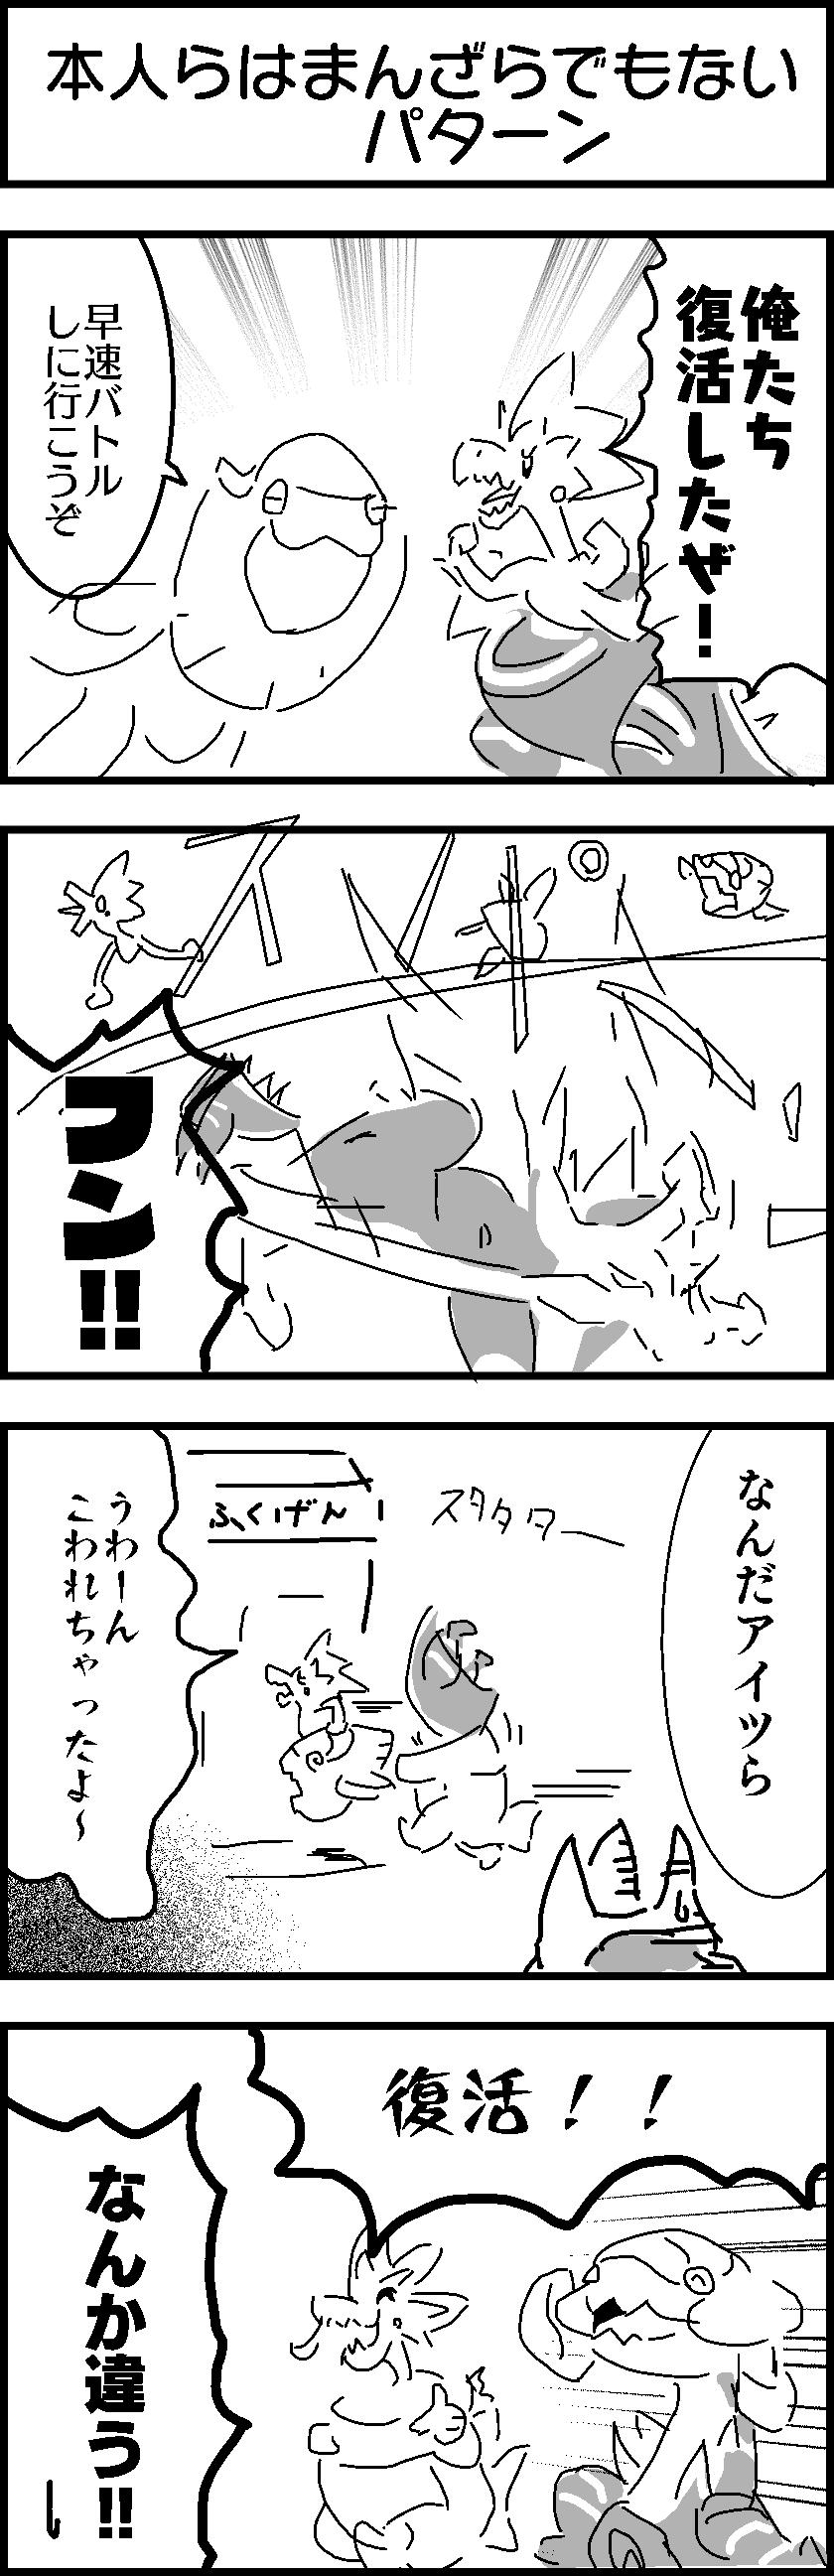 剣盾 化石ポケモン 本来の姿